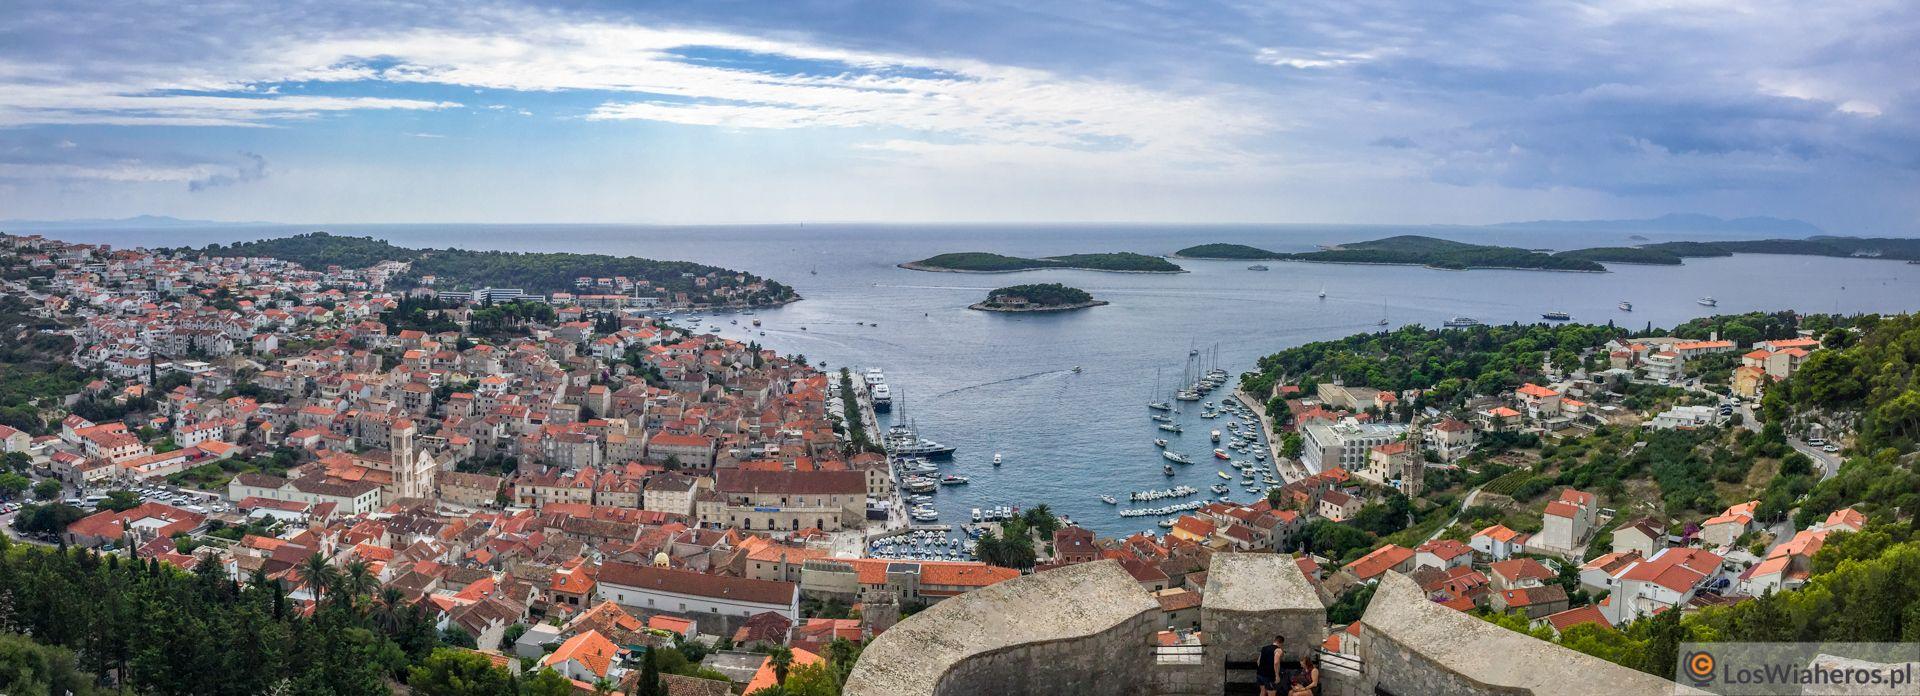 Chorwackie wyspy